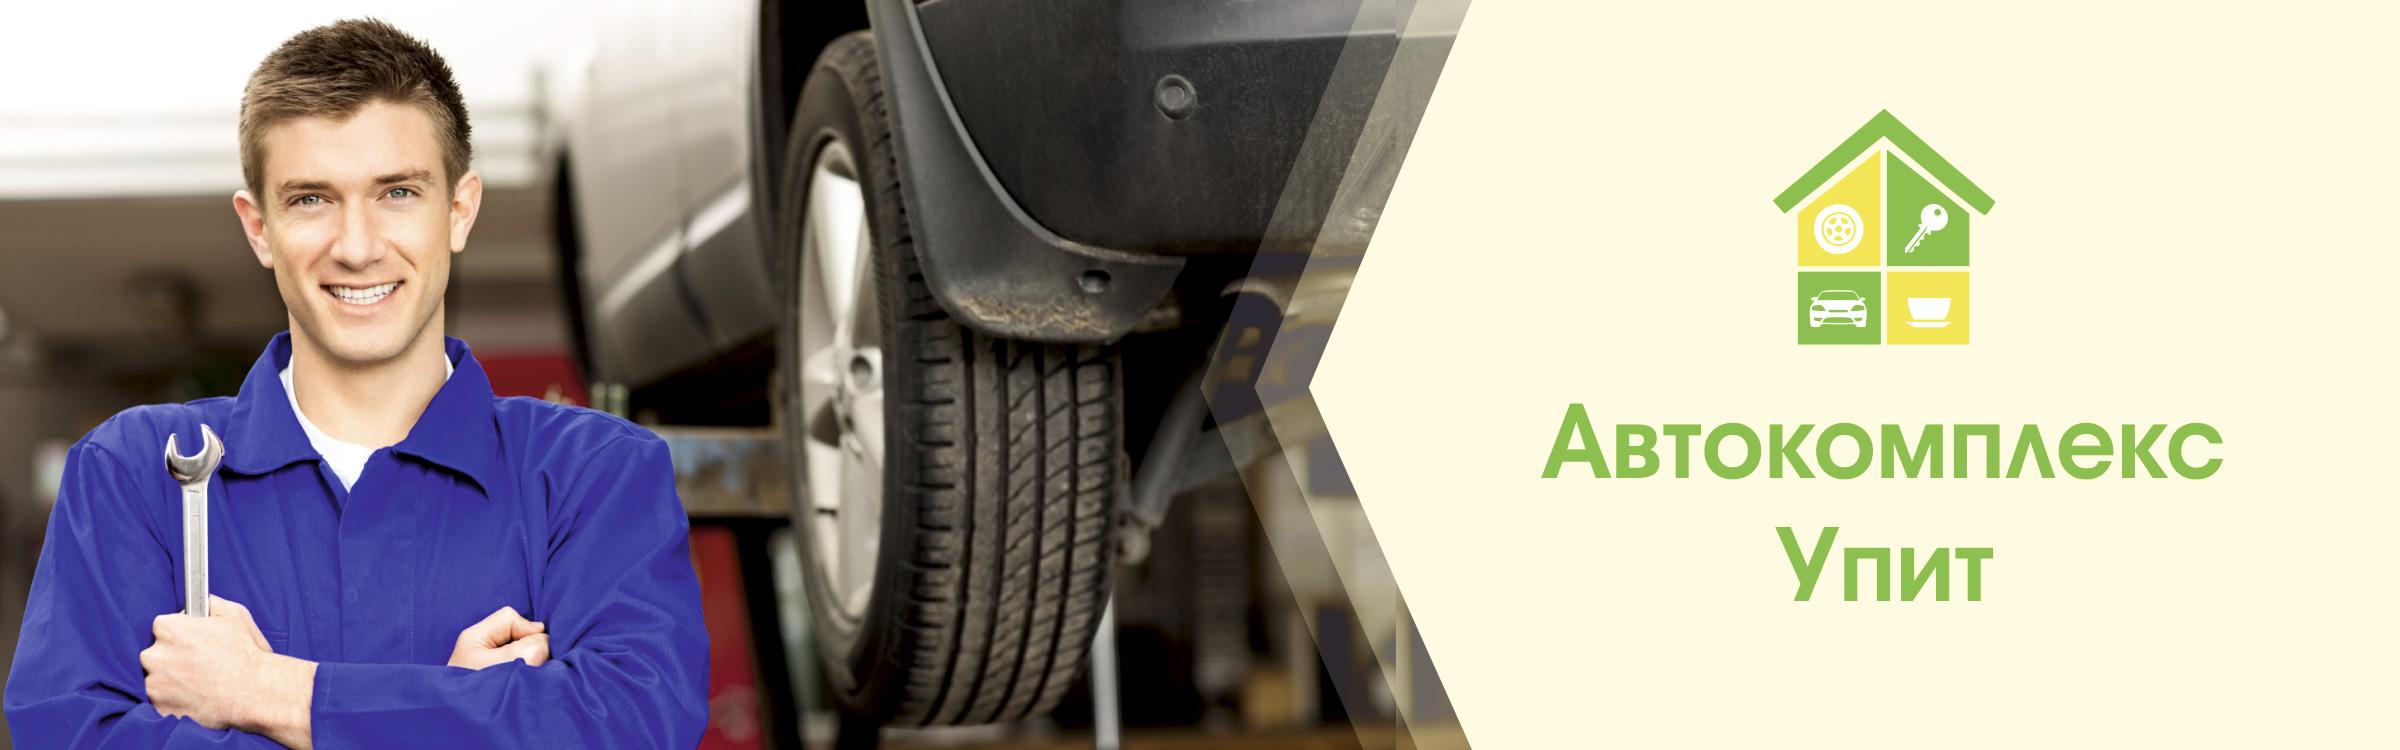 Автомобильный сервис 'Автокомплекс Упит - Автомобильный сервис' в Смоленске. Главная страница